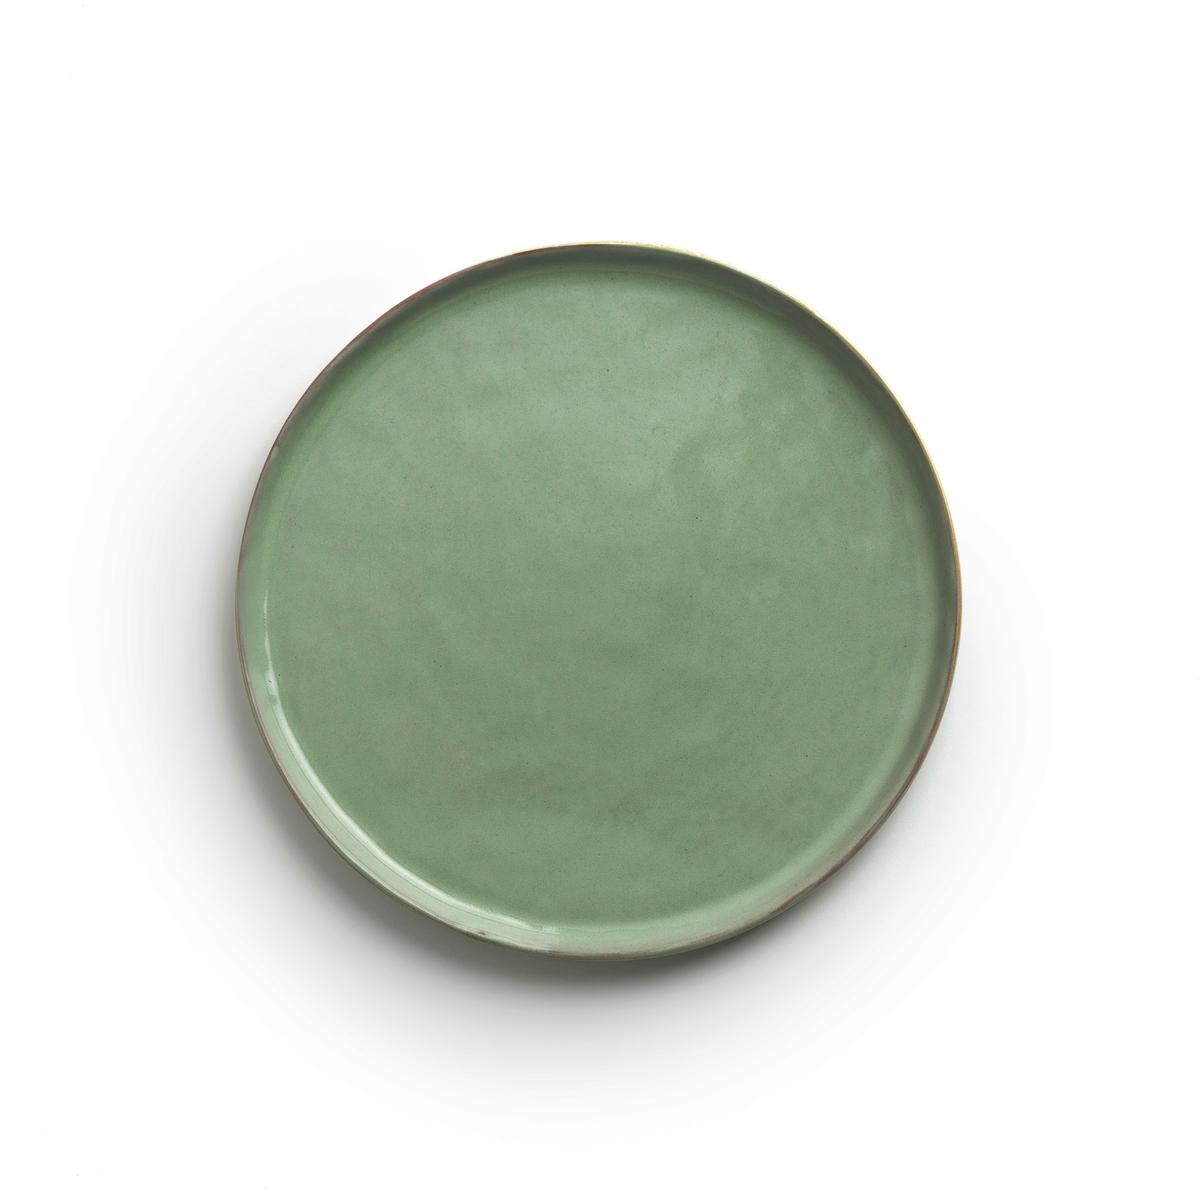 Комплект из 4 тарелок из керамики, Ø21,5 см, PURE, дизайн П. Нессенса для Serax